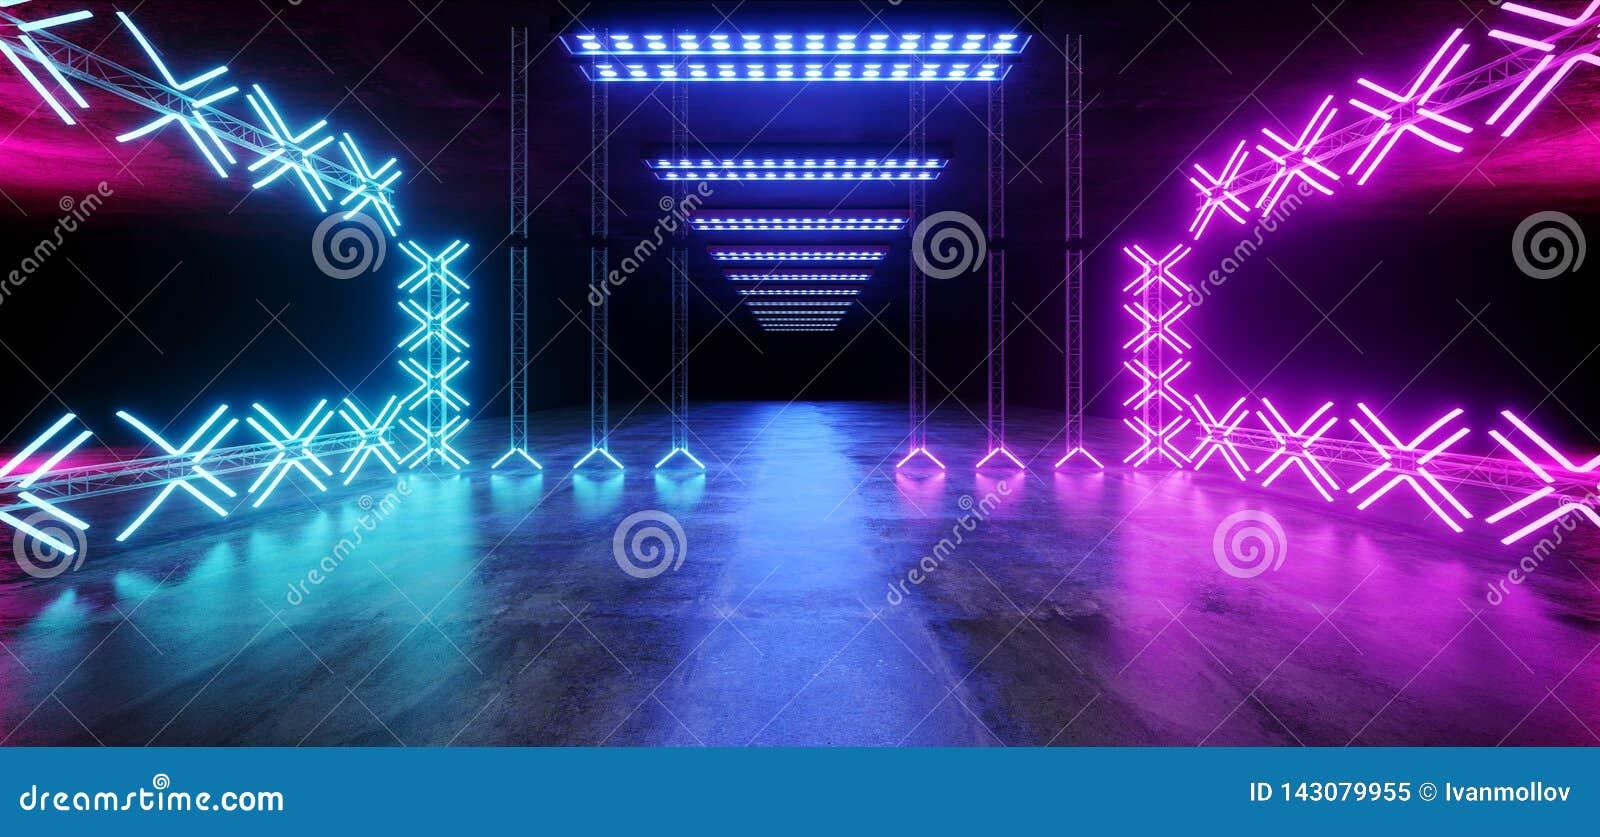 Sc.i-van de het Metaalbouw van FI Asphalt Futuristic Dance Stage Empty Ondergrondse de Structuur de Tunnel toont Trillende Geleid